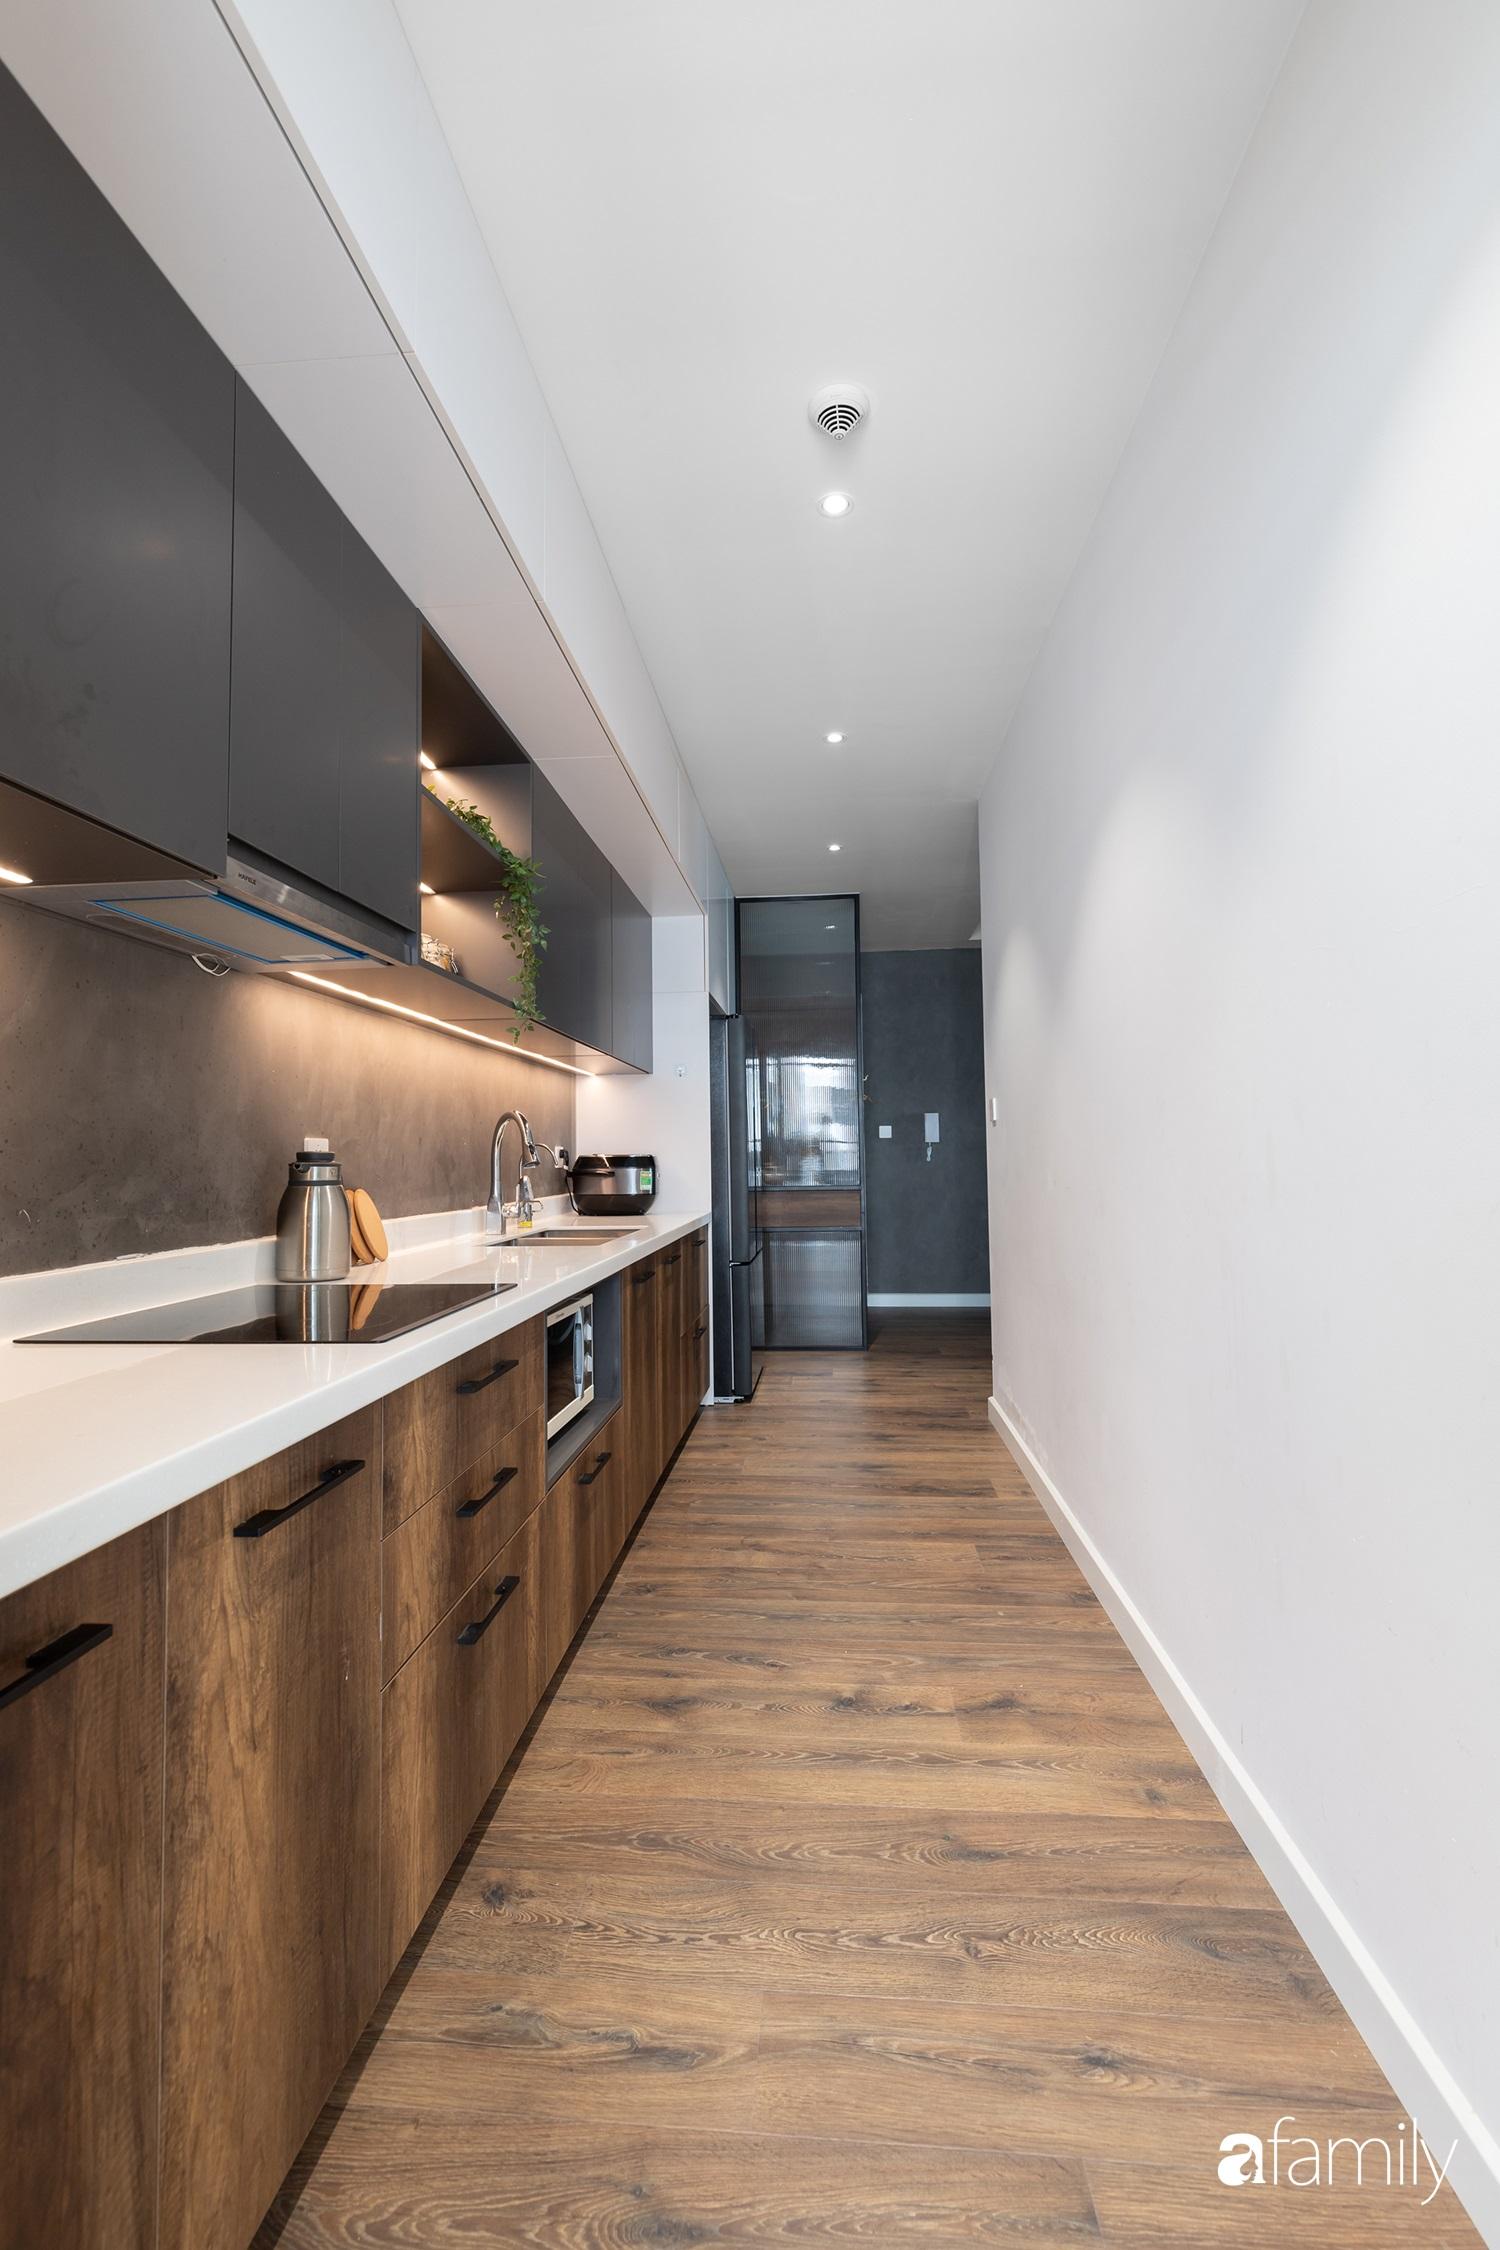 Căn hộ với chi phí phần nội thất gỗ có giá 200 triệu đồng đẹp cuốn hút theo phong cách tối giản ở Hà Nội - Ảnh 8.